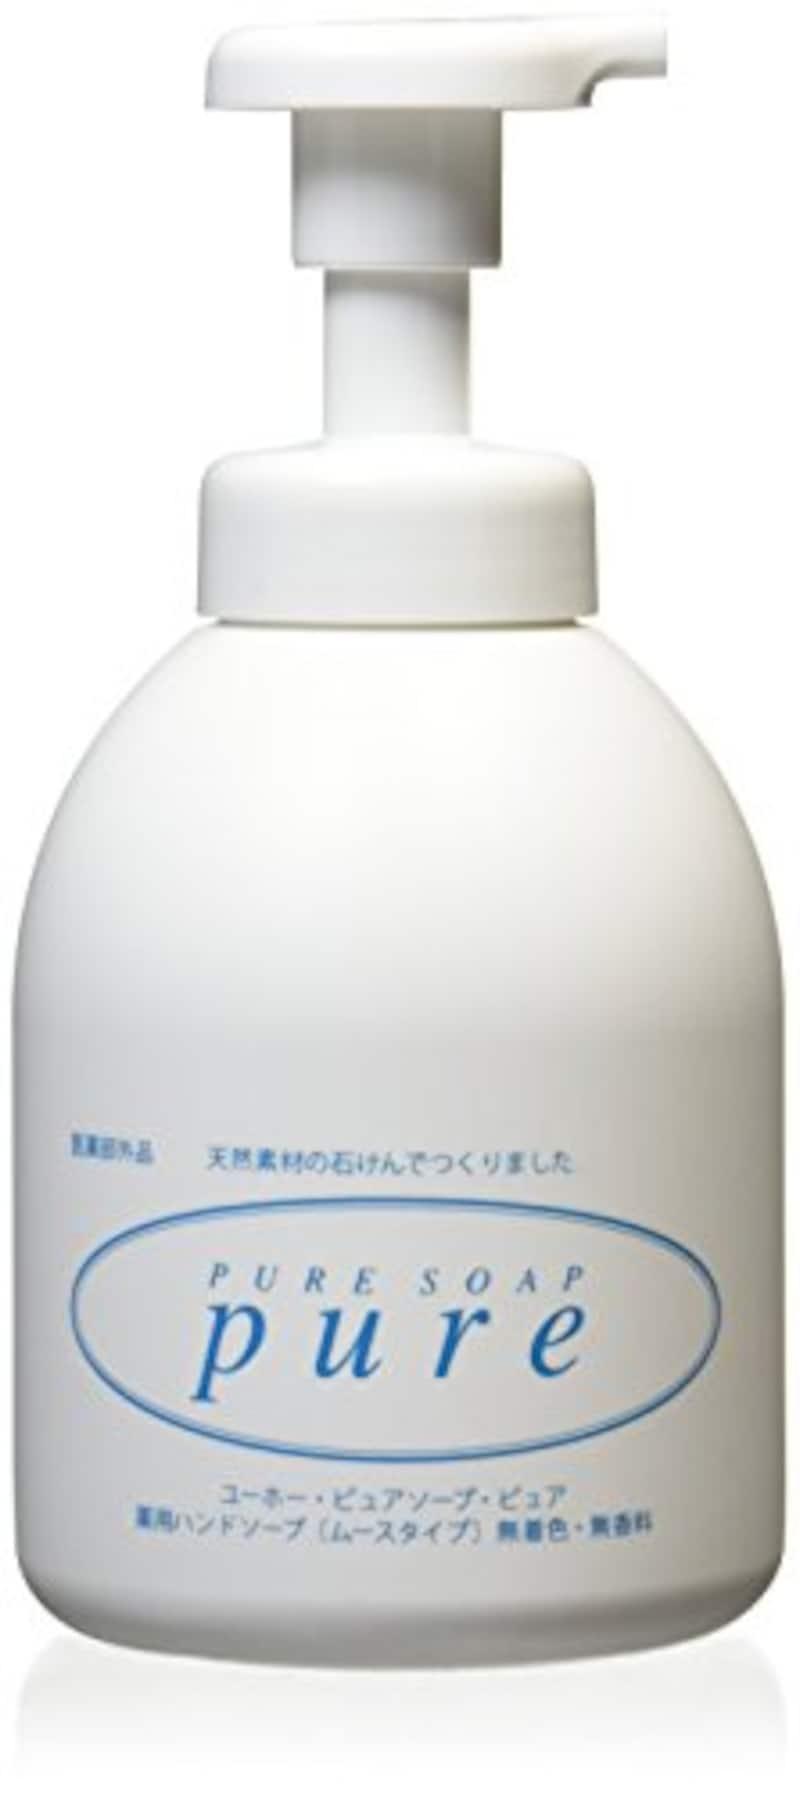 【在庫あり】,ユーホー薬用ピュアソープピュア 500mL